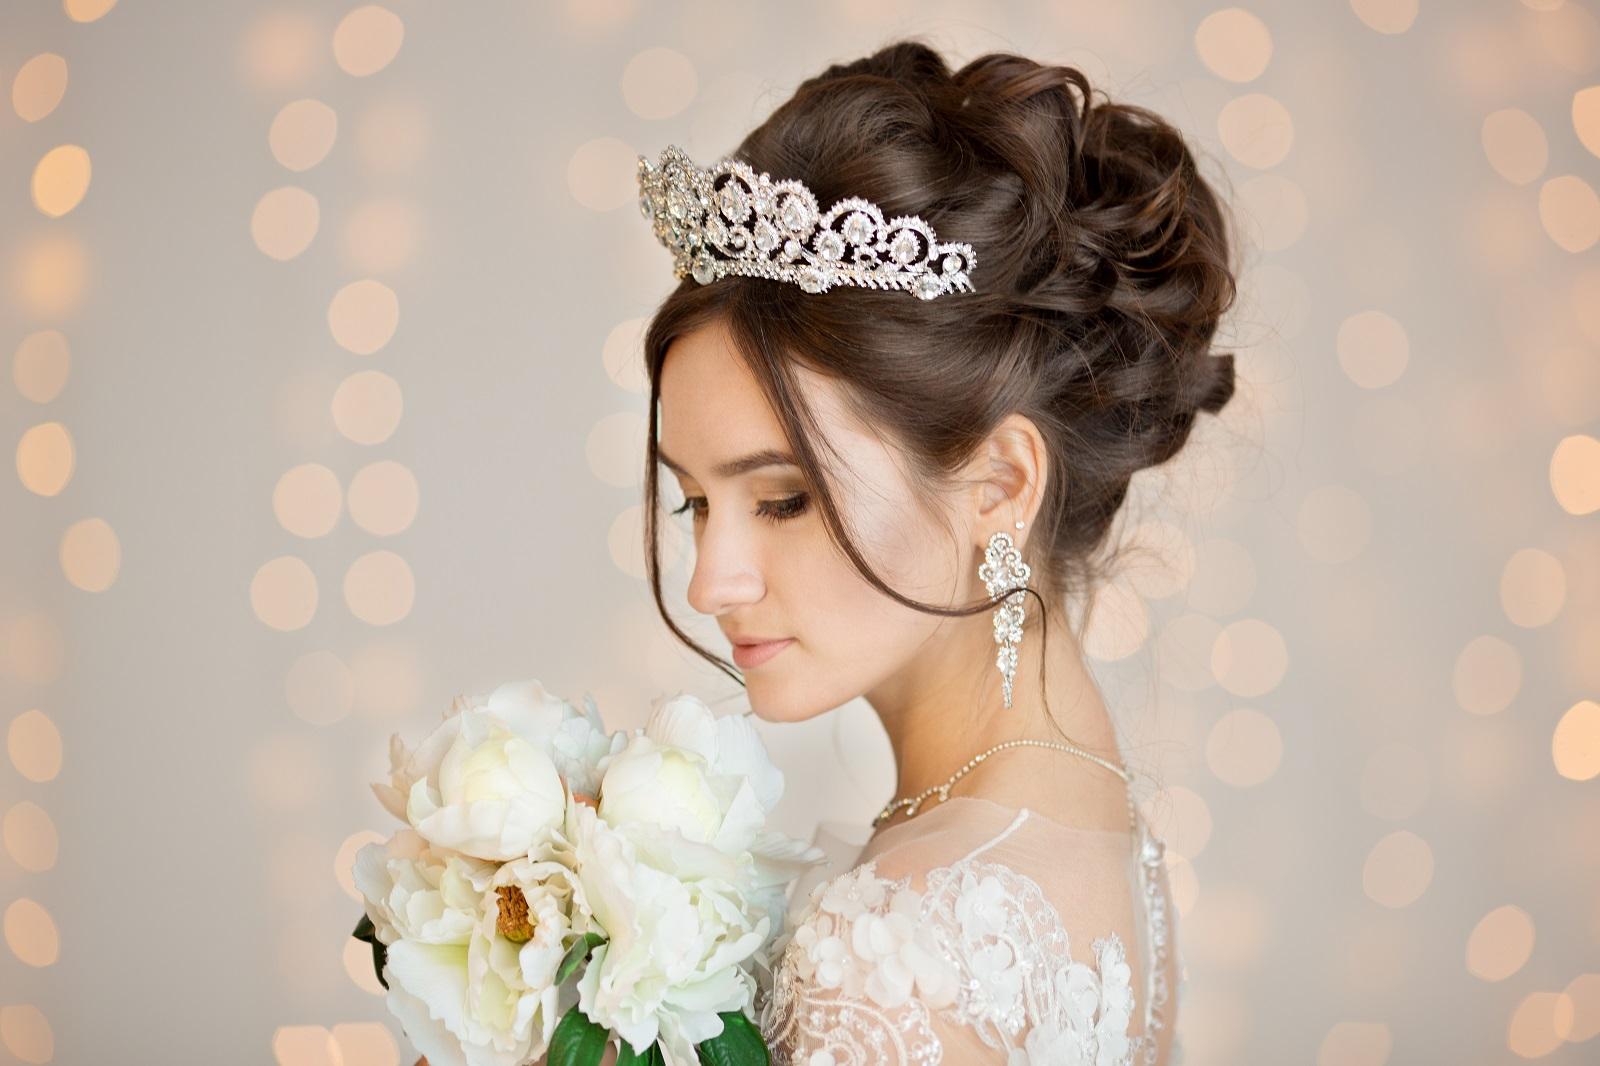 Un chignon et une couronne de princesse